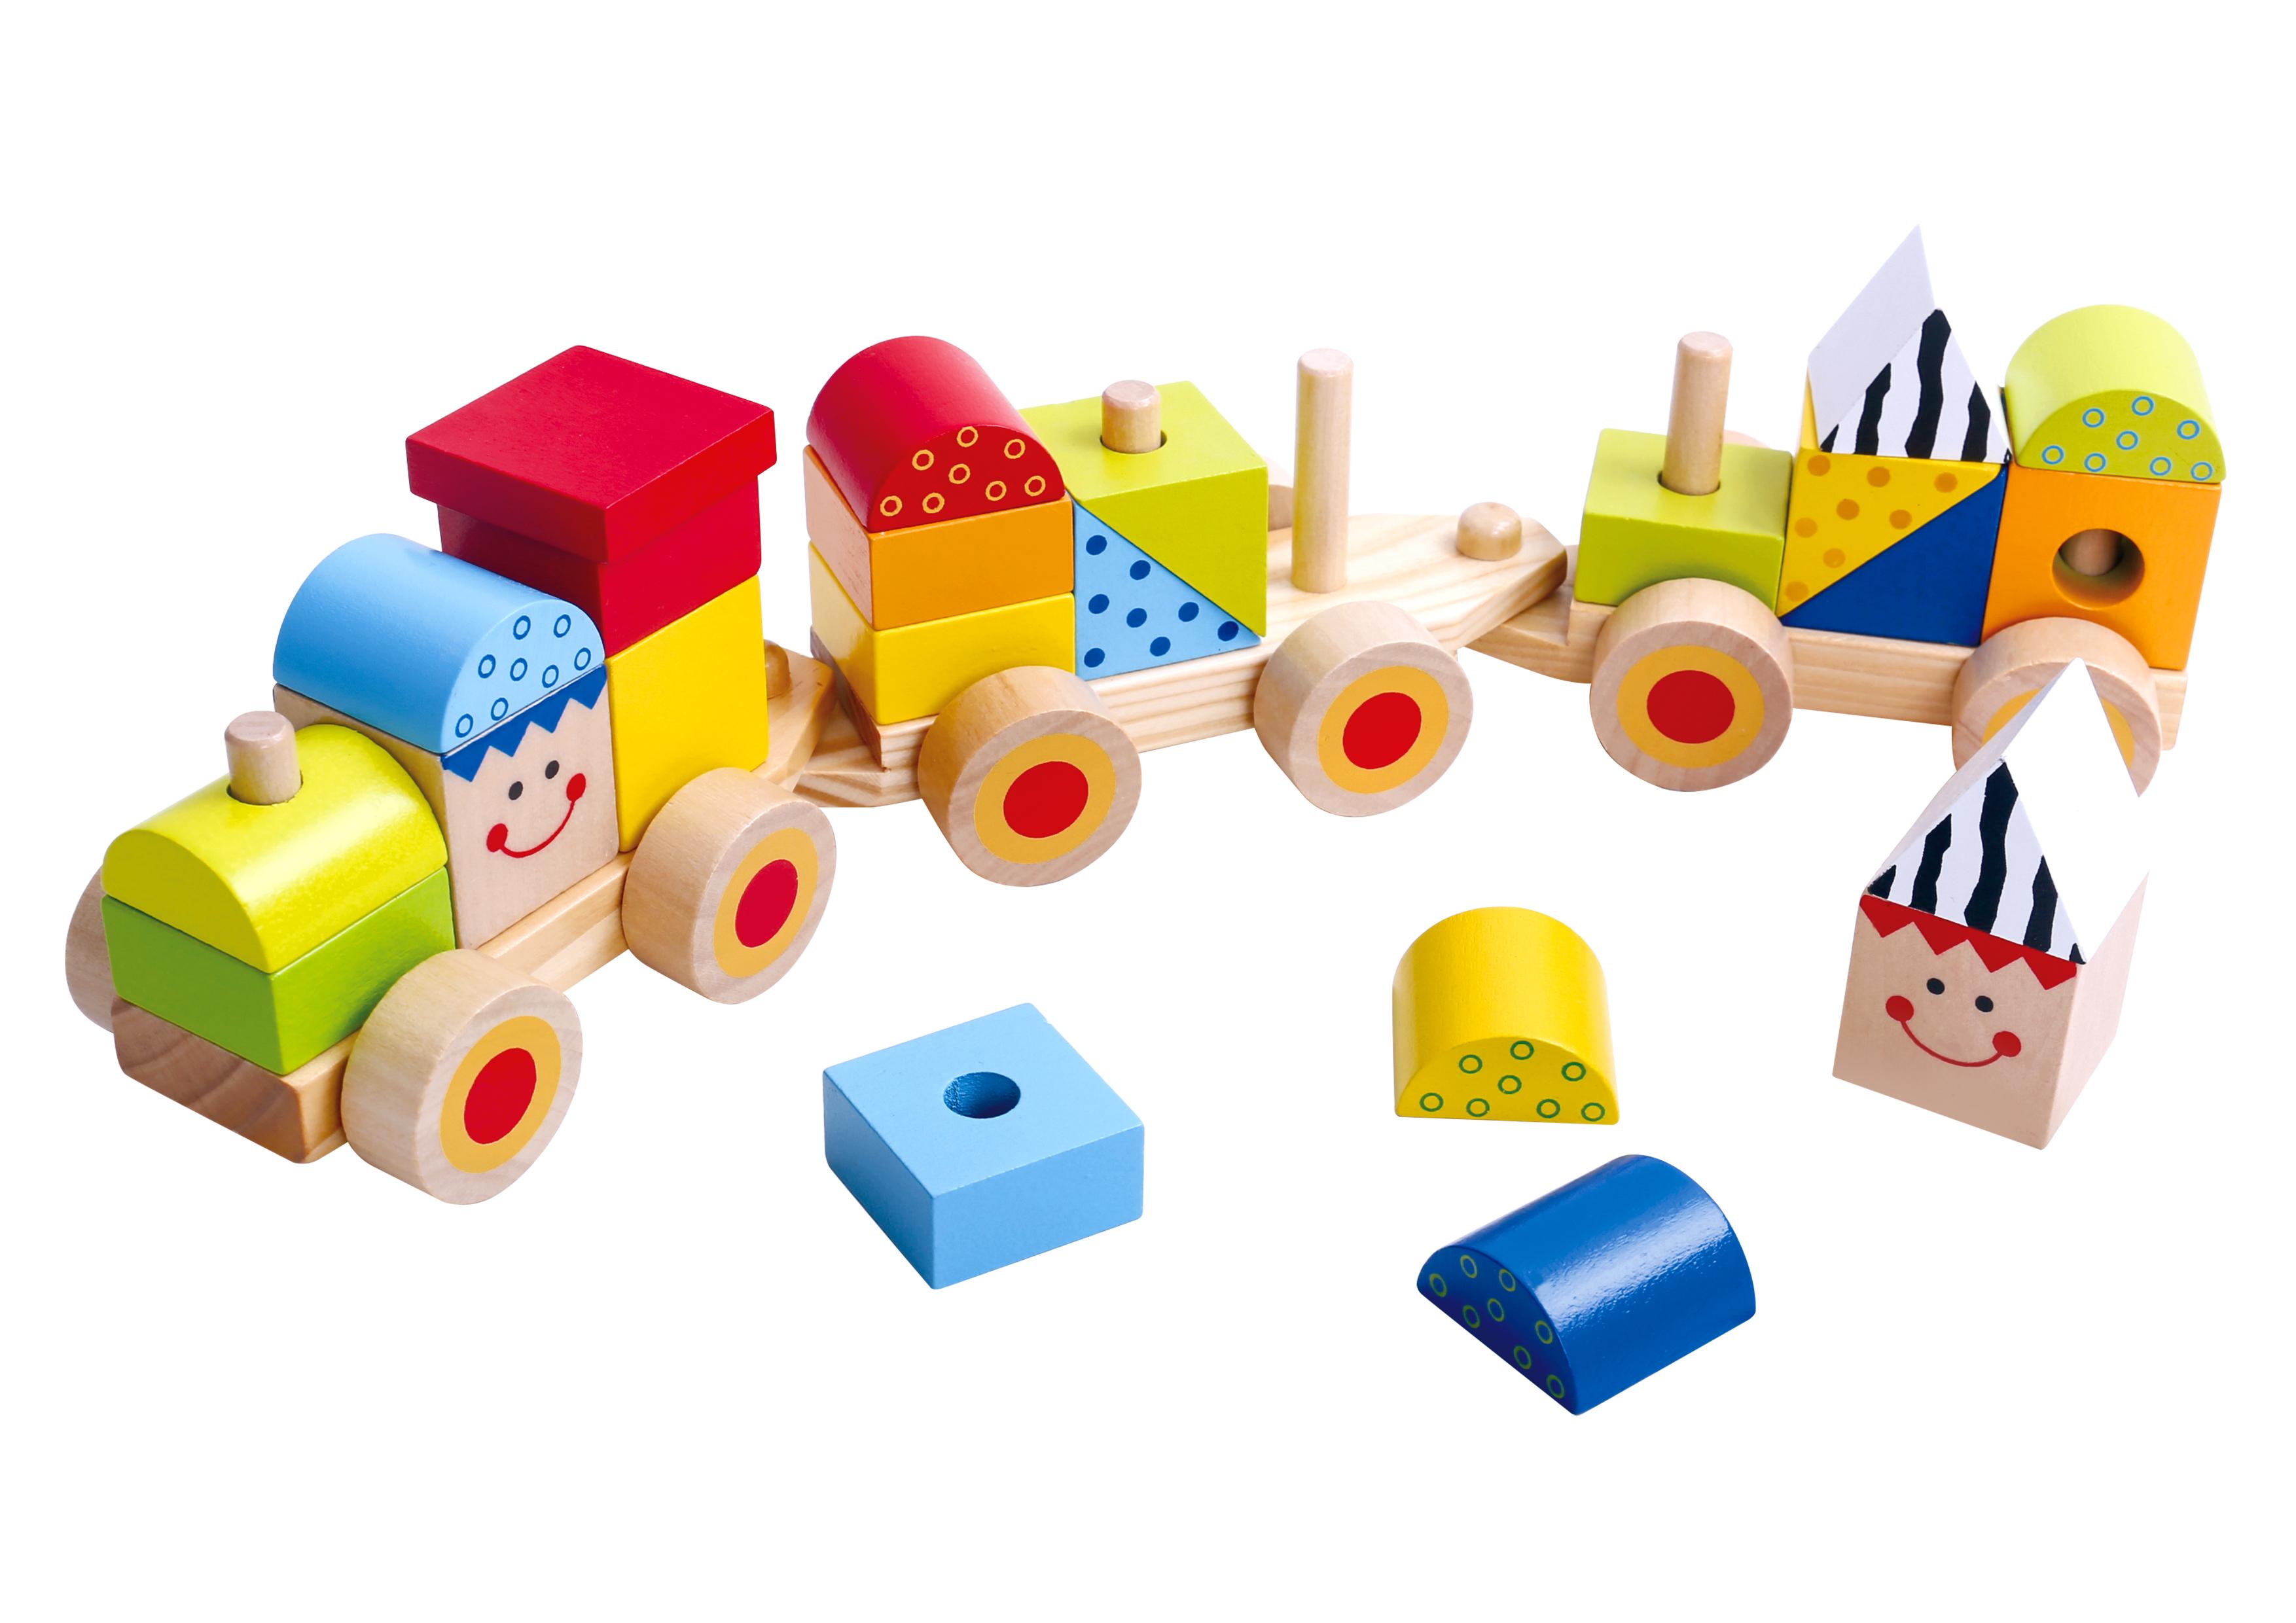 Trenulet cu piese de stivuit din lemn tooky toy imagine